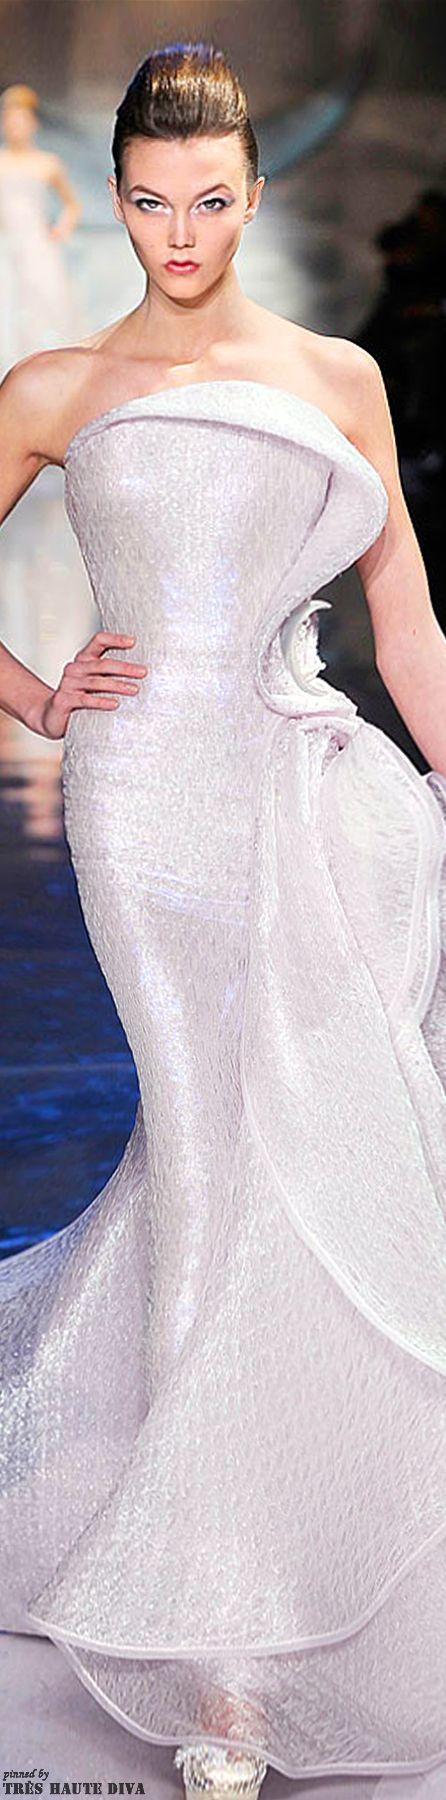 Glamour gowns / karen cox.  Armani Privé